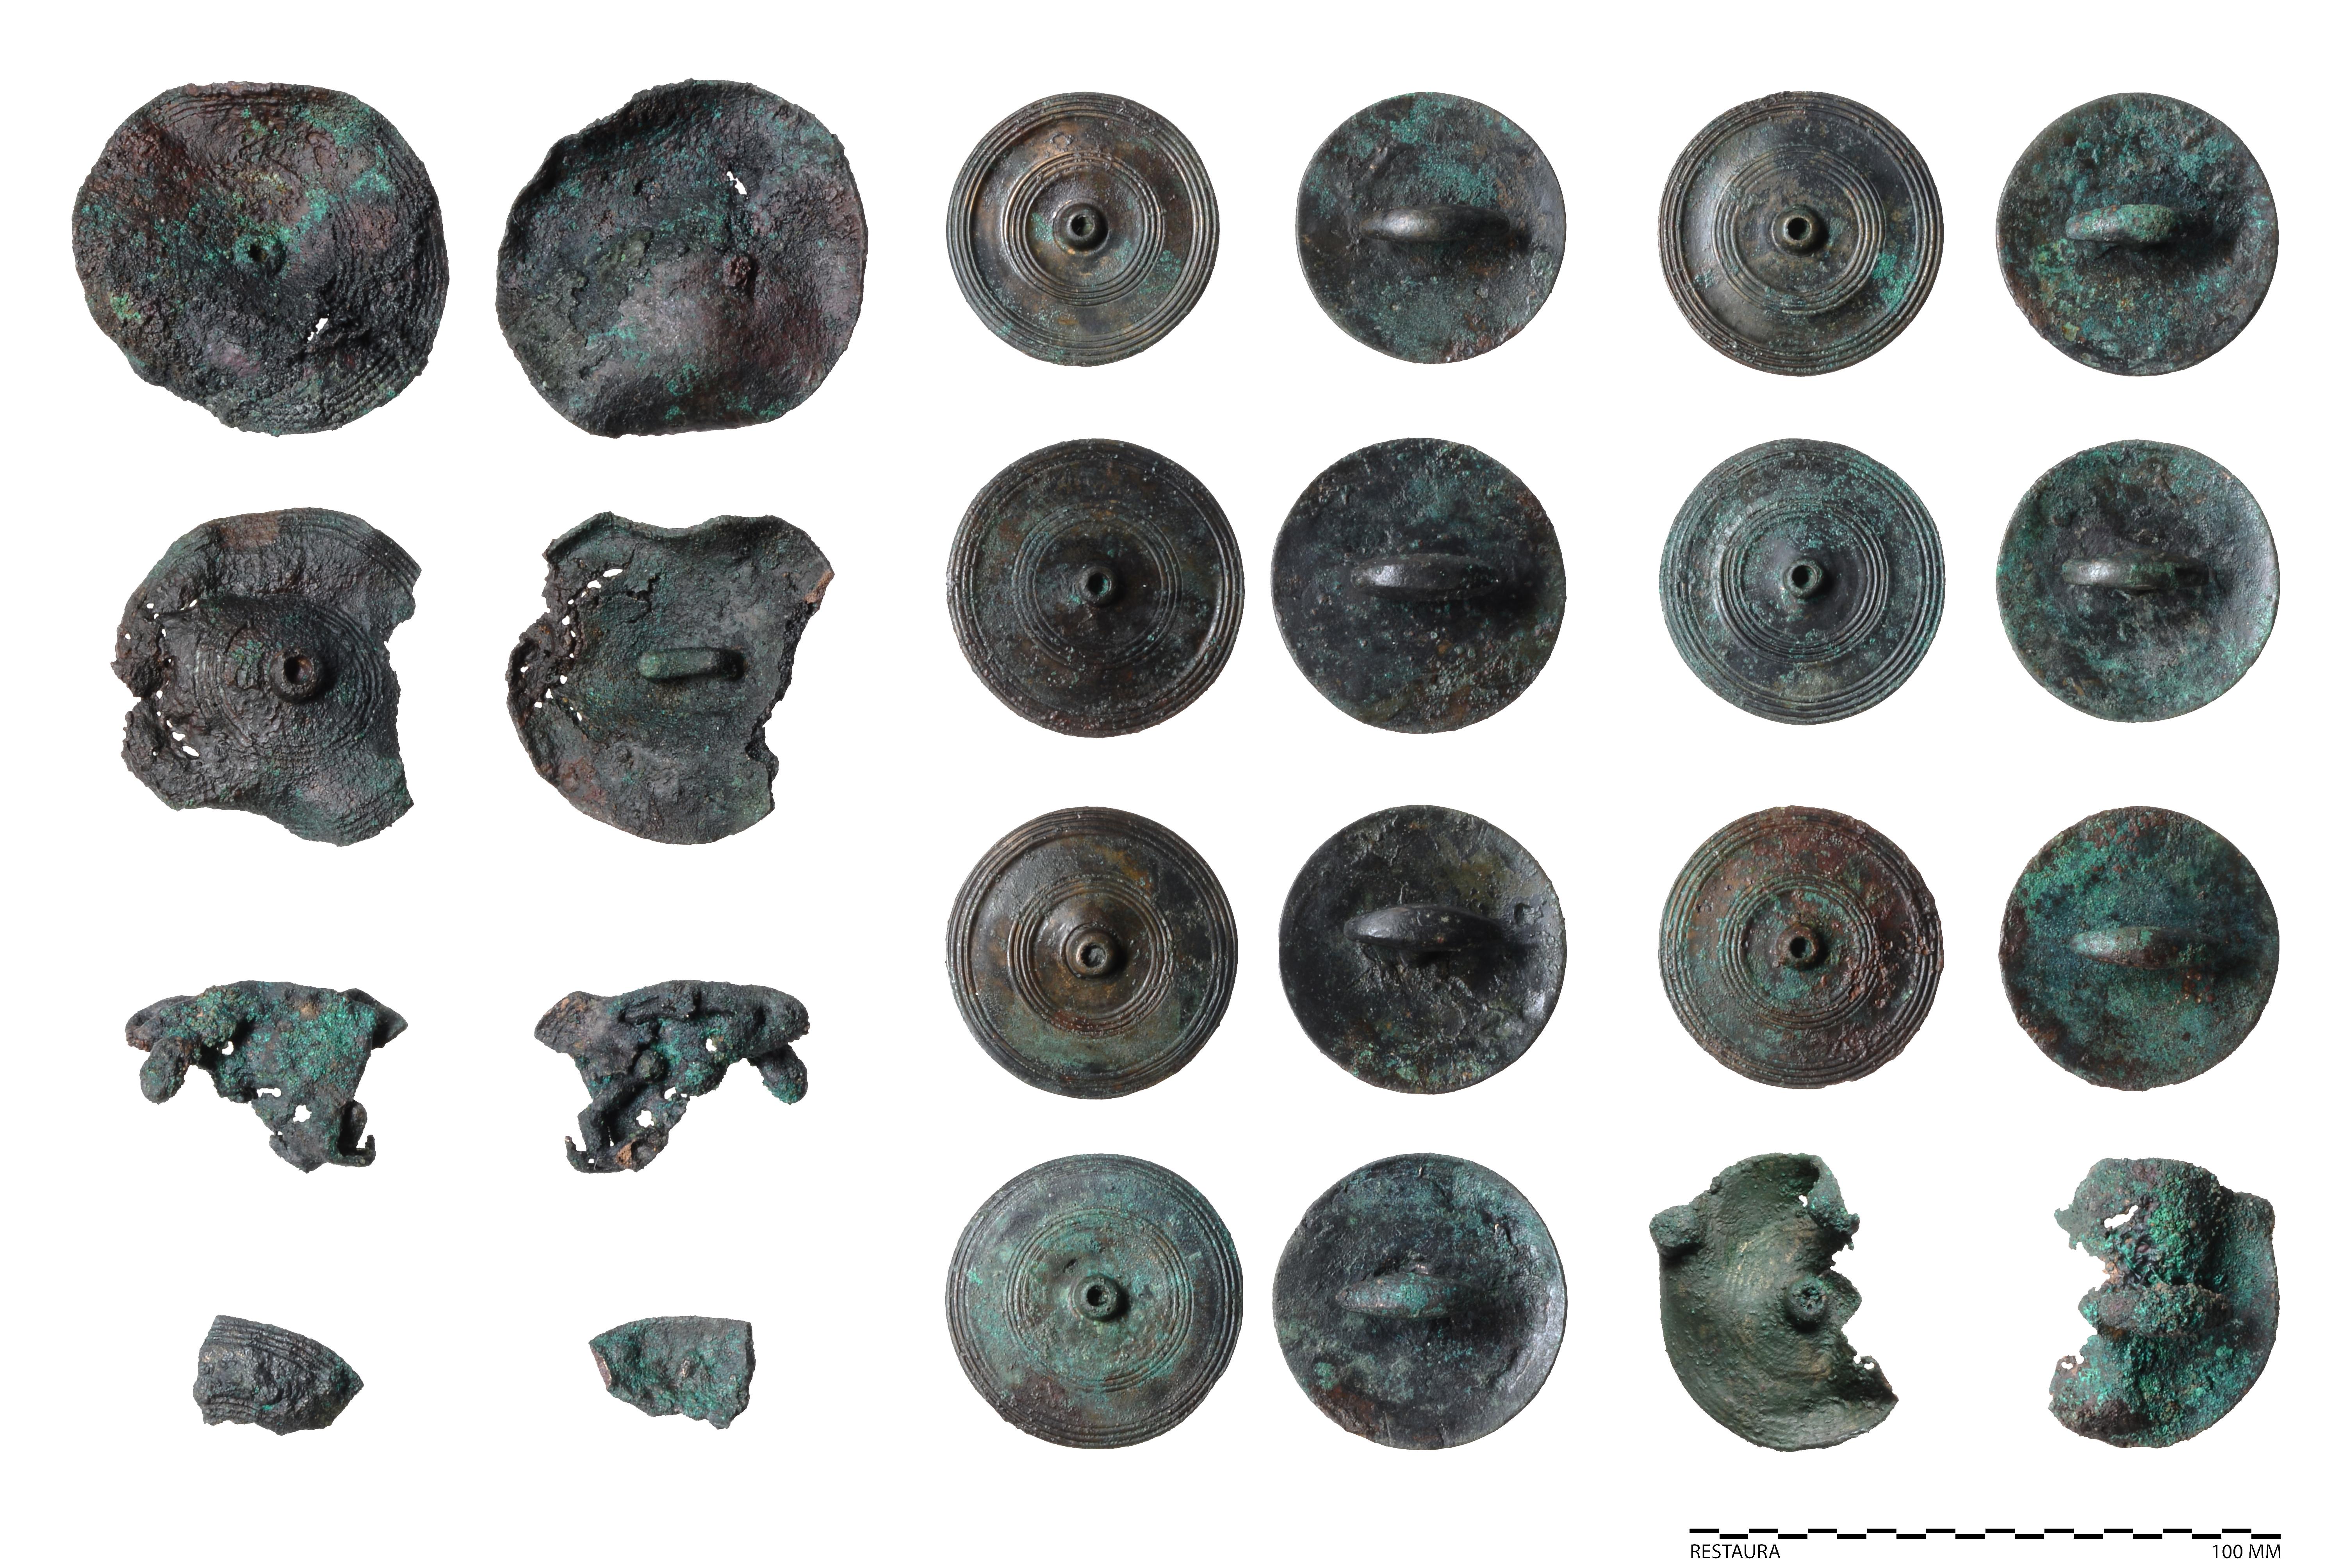 Bronzen sierschijven behorend bij paardentuig uit het wagengraf van Heumen (Restaura/Museum Het Valkhof, Nijmegen)